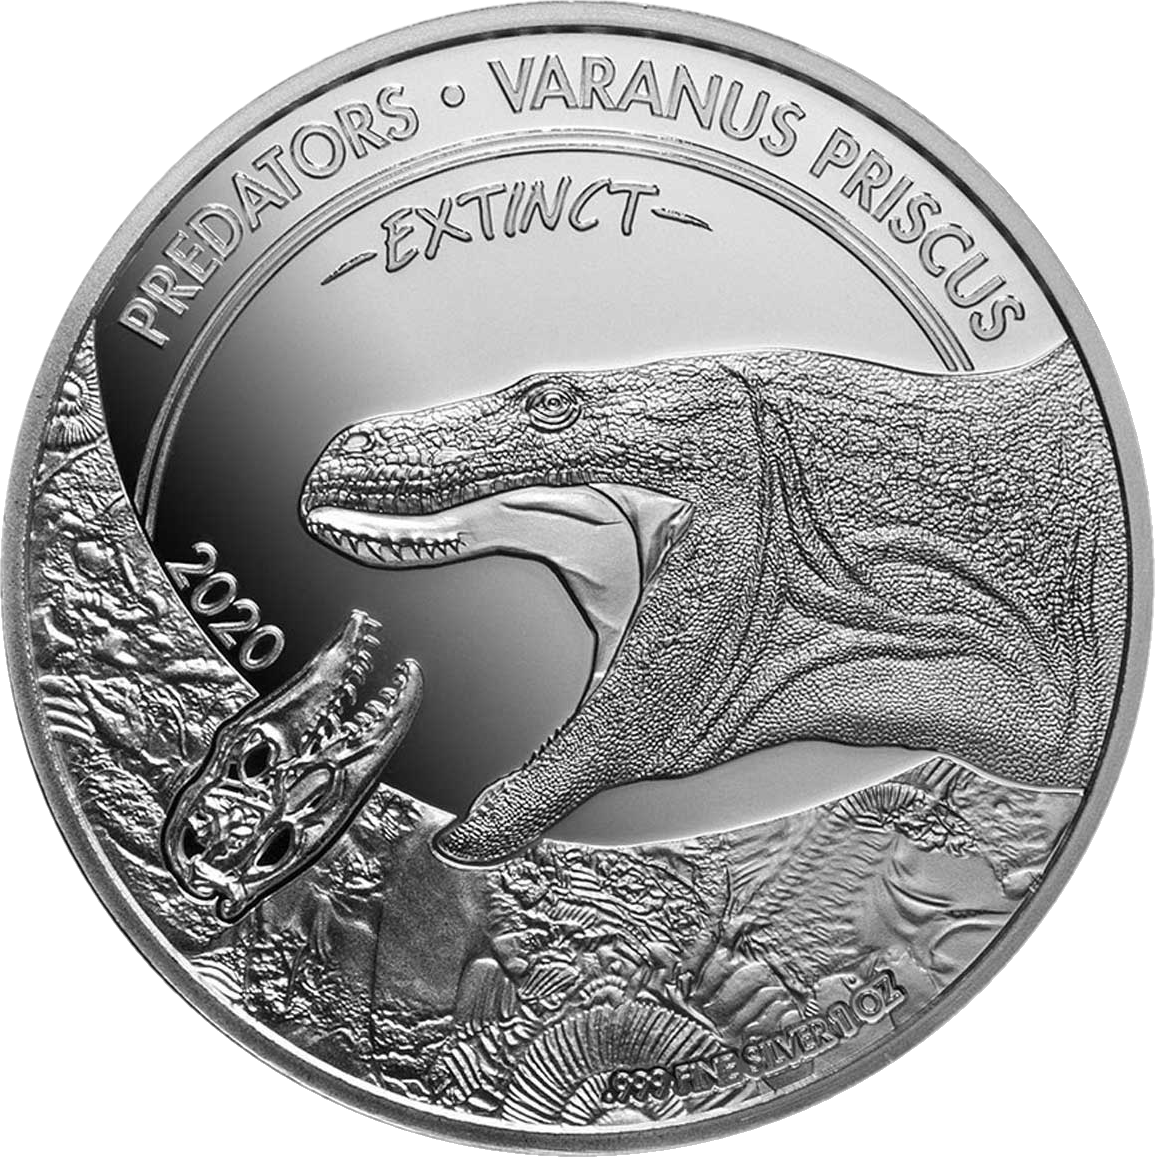 Конго монета 20 франков КФА Мегалания, реверс